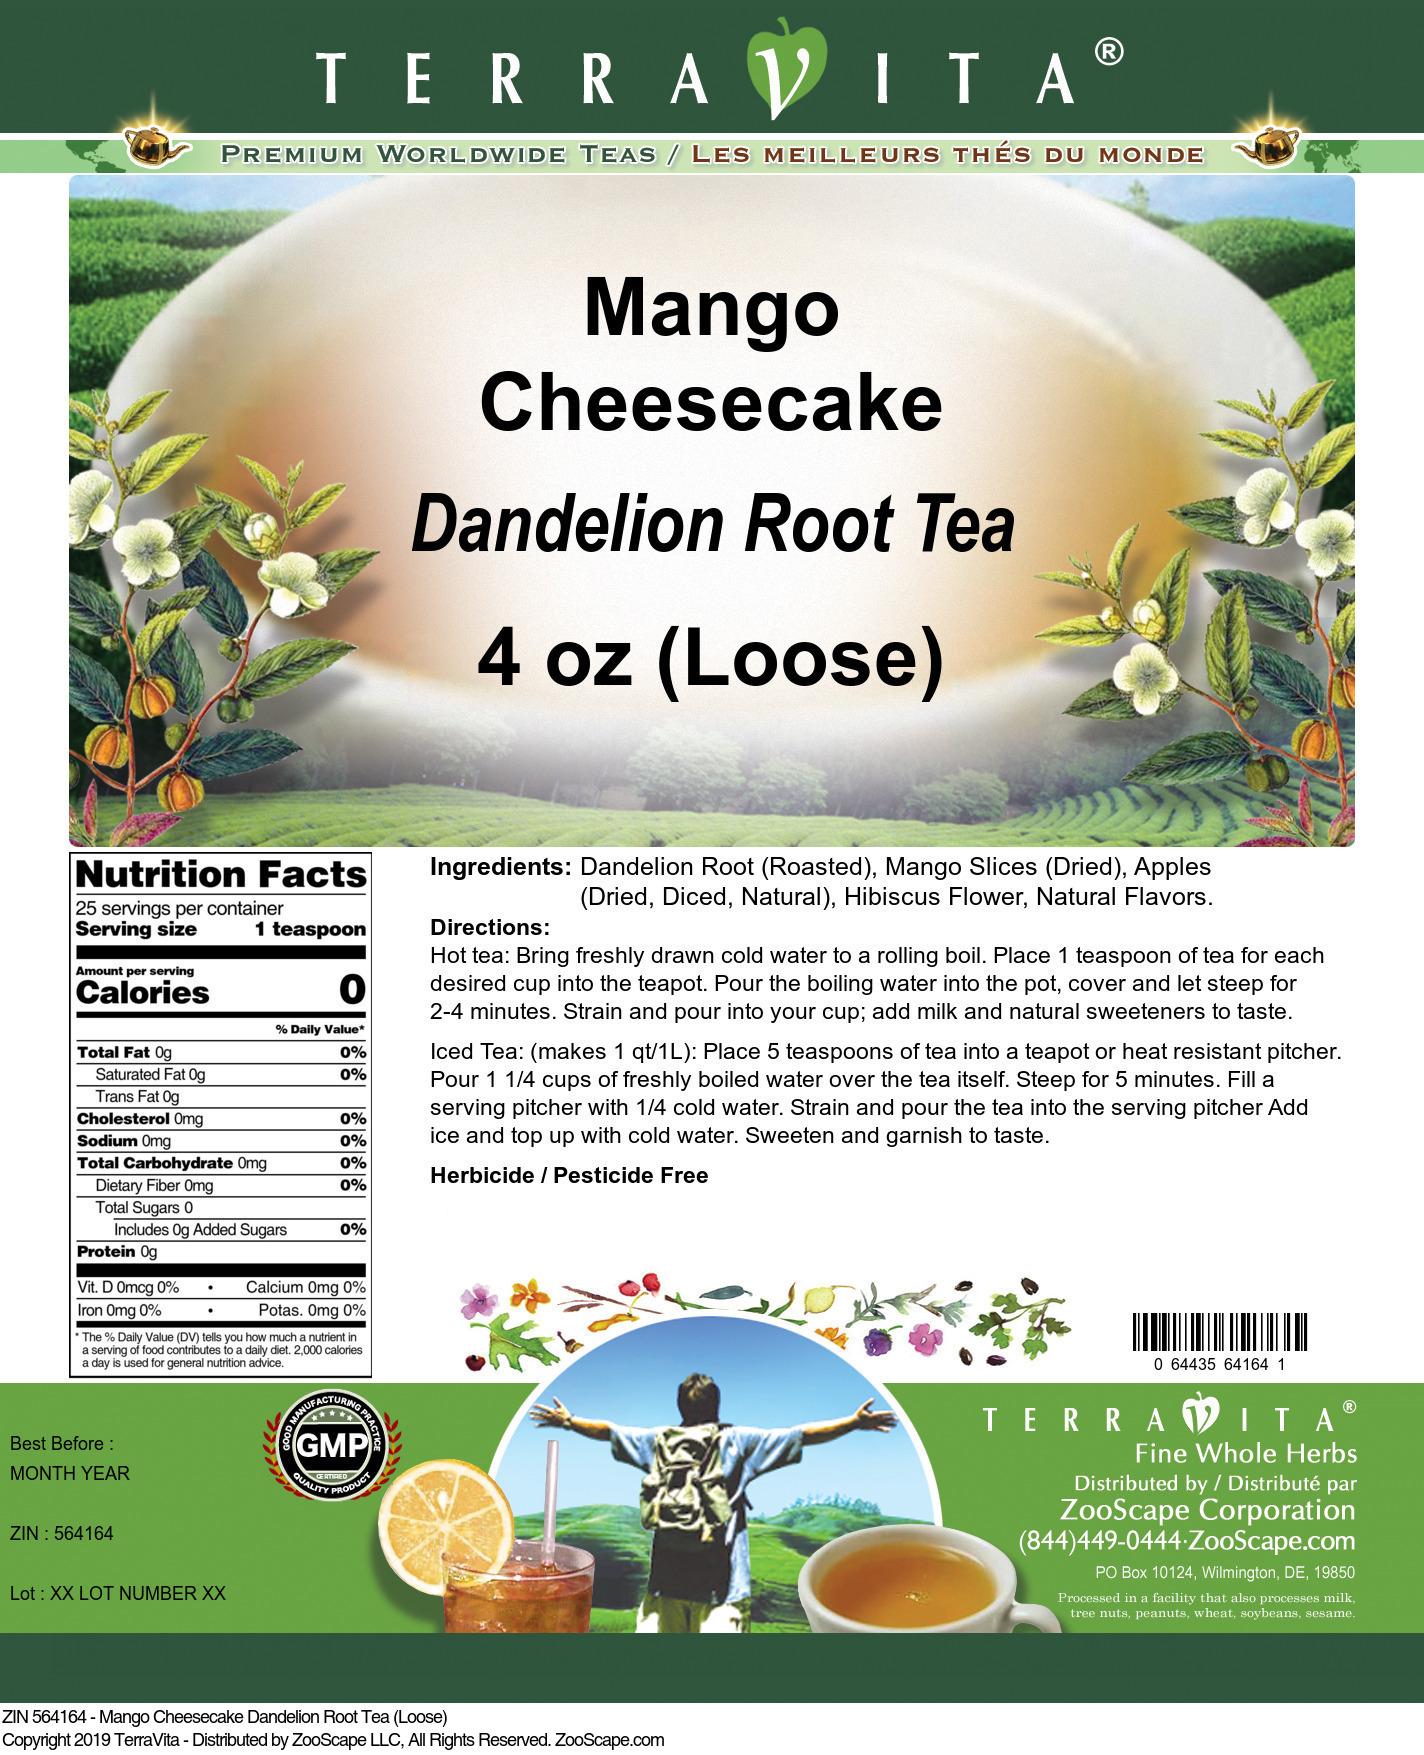 Mango Cheesecake Dandelion Root